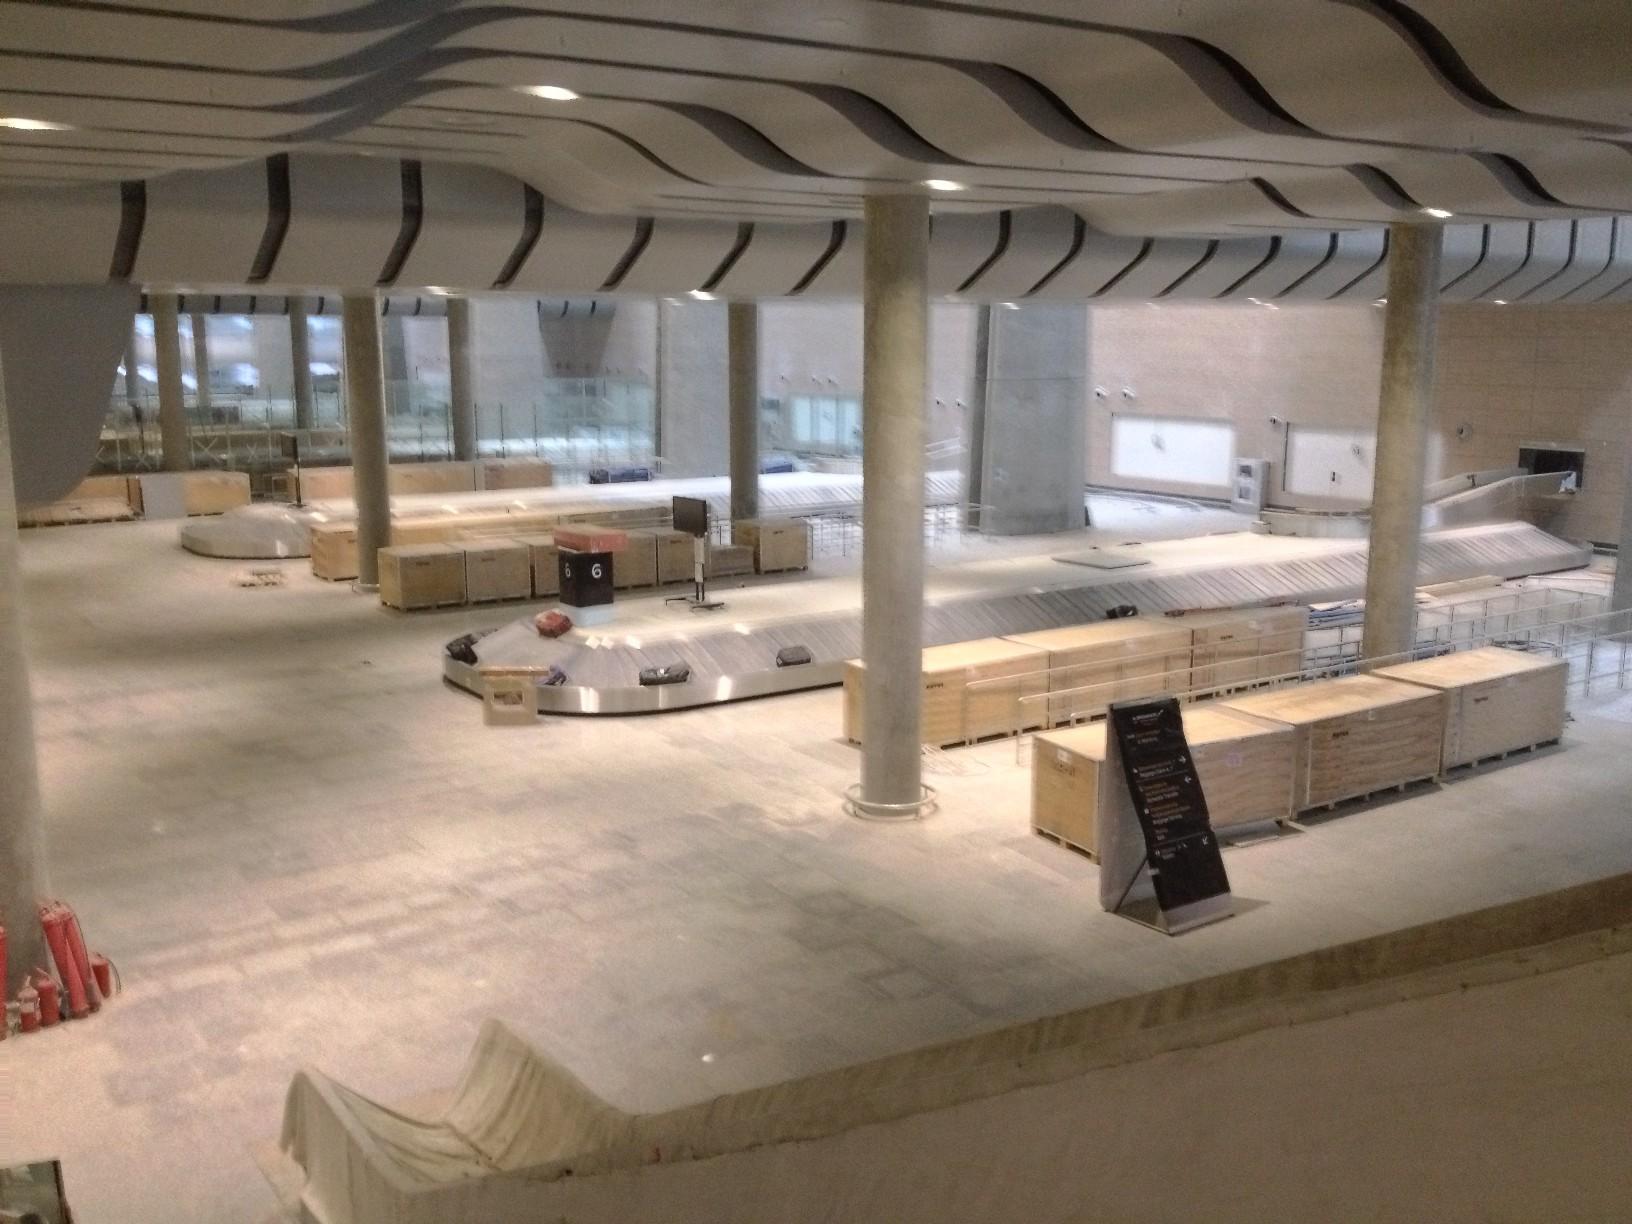 Зона получения багажа на первом этаже нового терминала Пулково (Пулково 3)